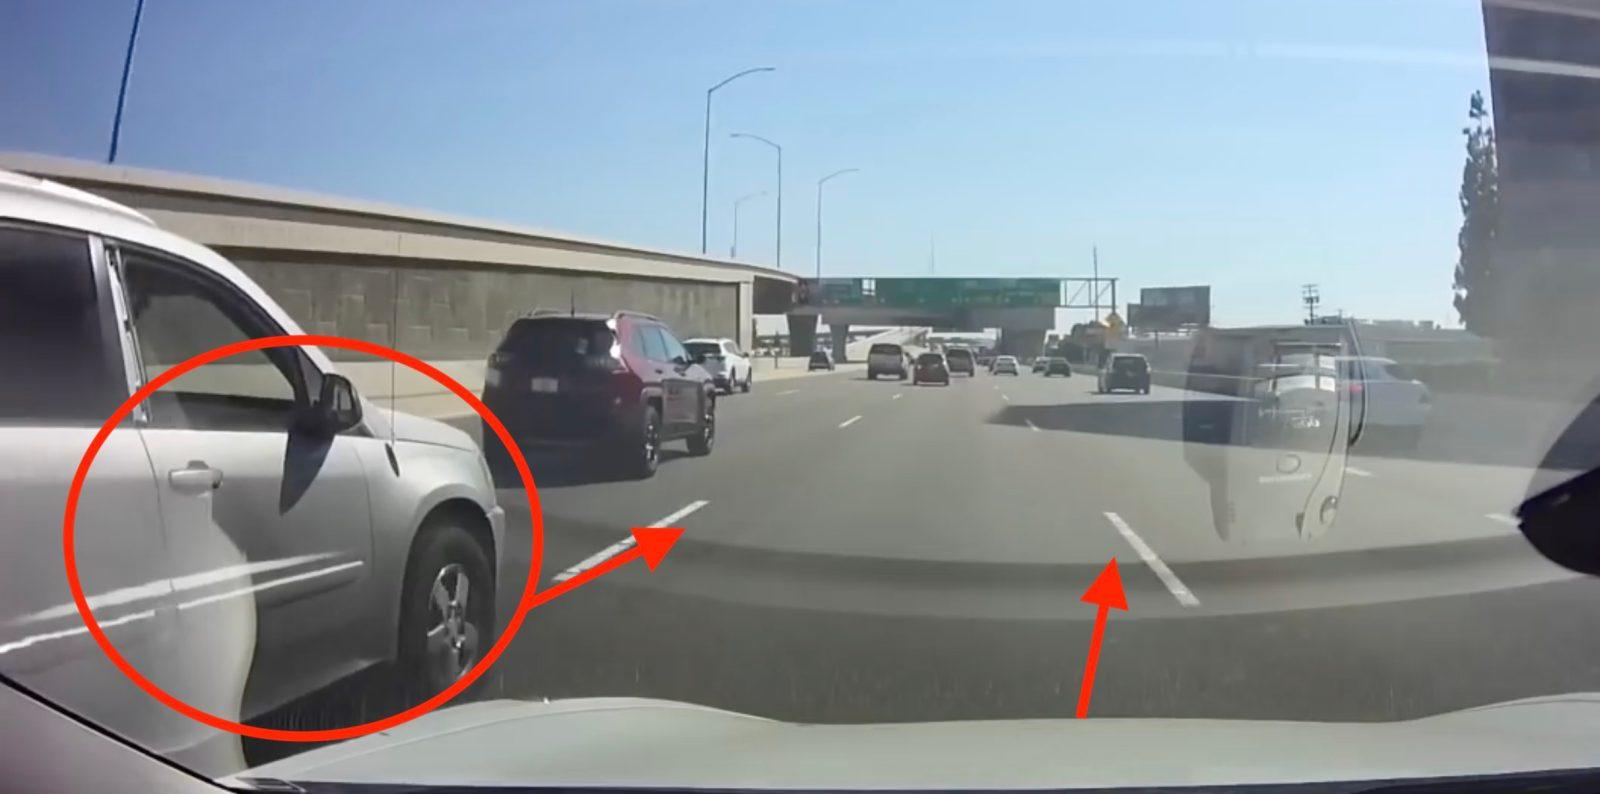 Tesla Model 3 on Autopilot avoids crash in near-miss caught on